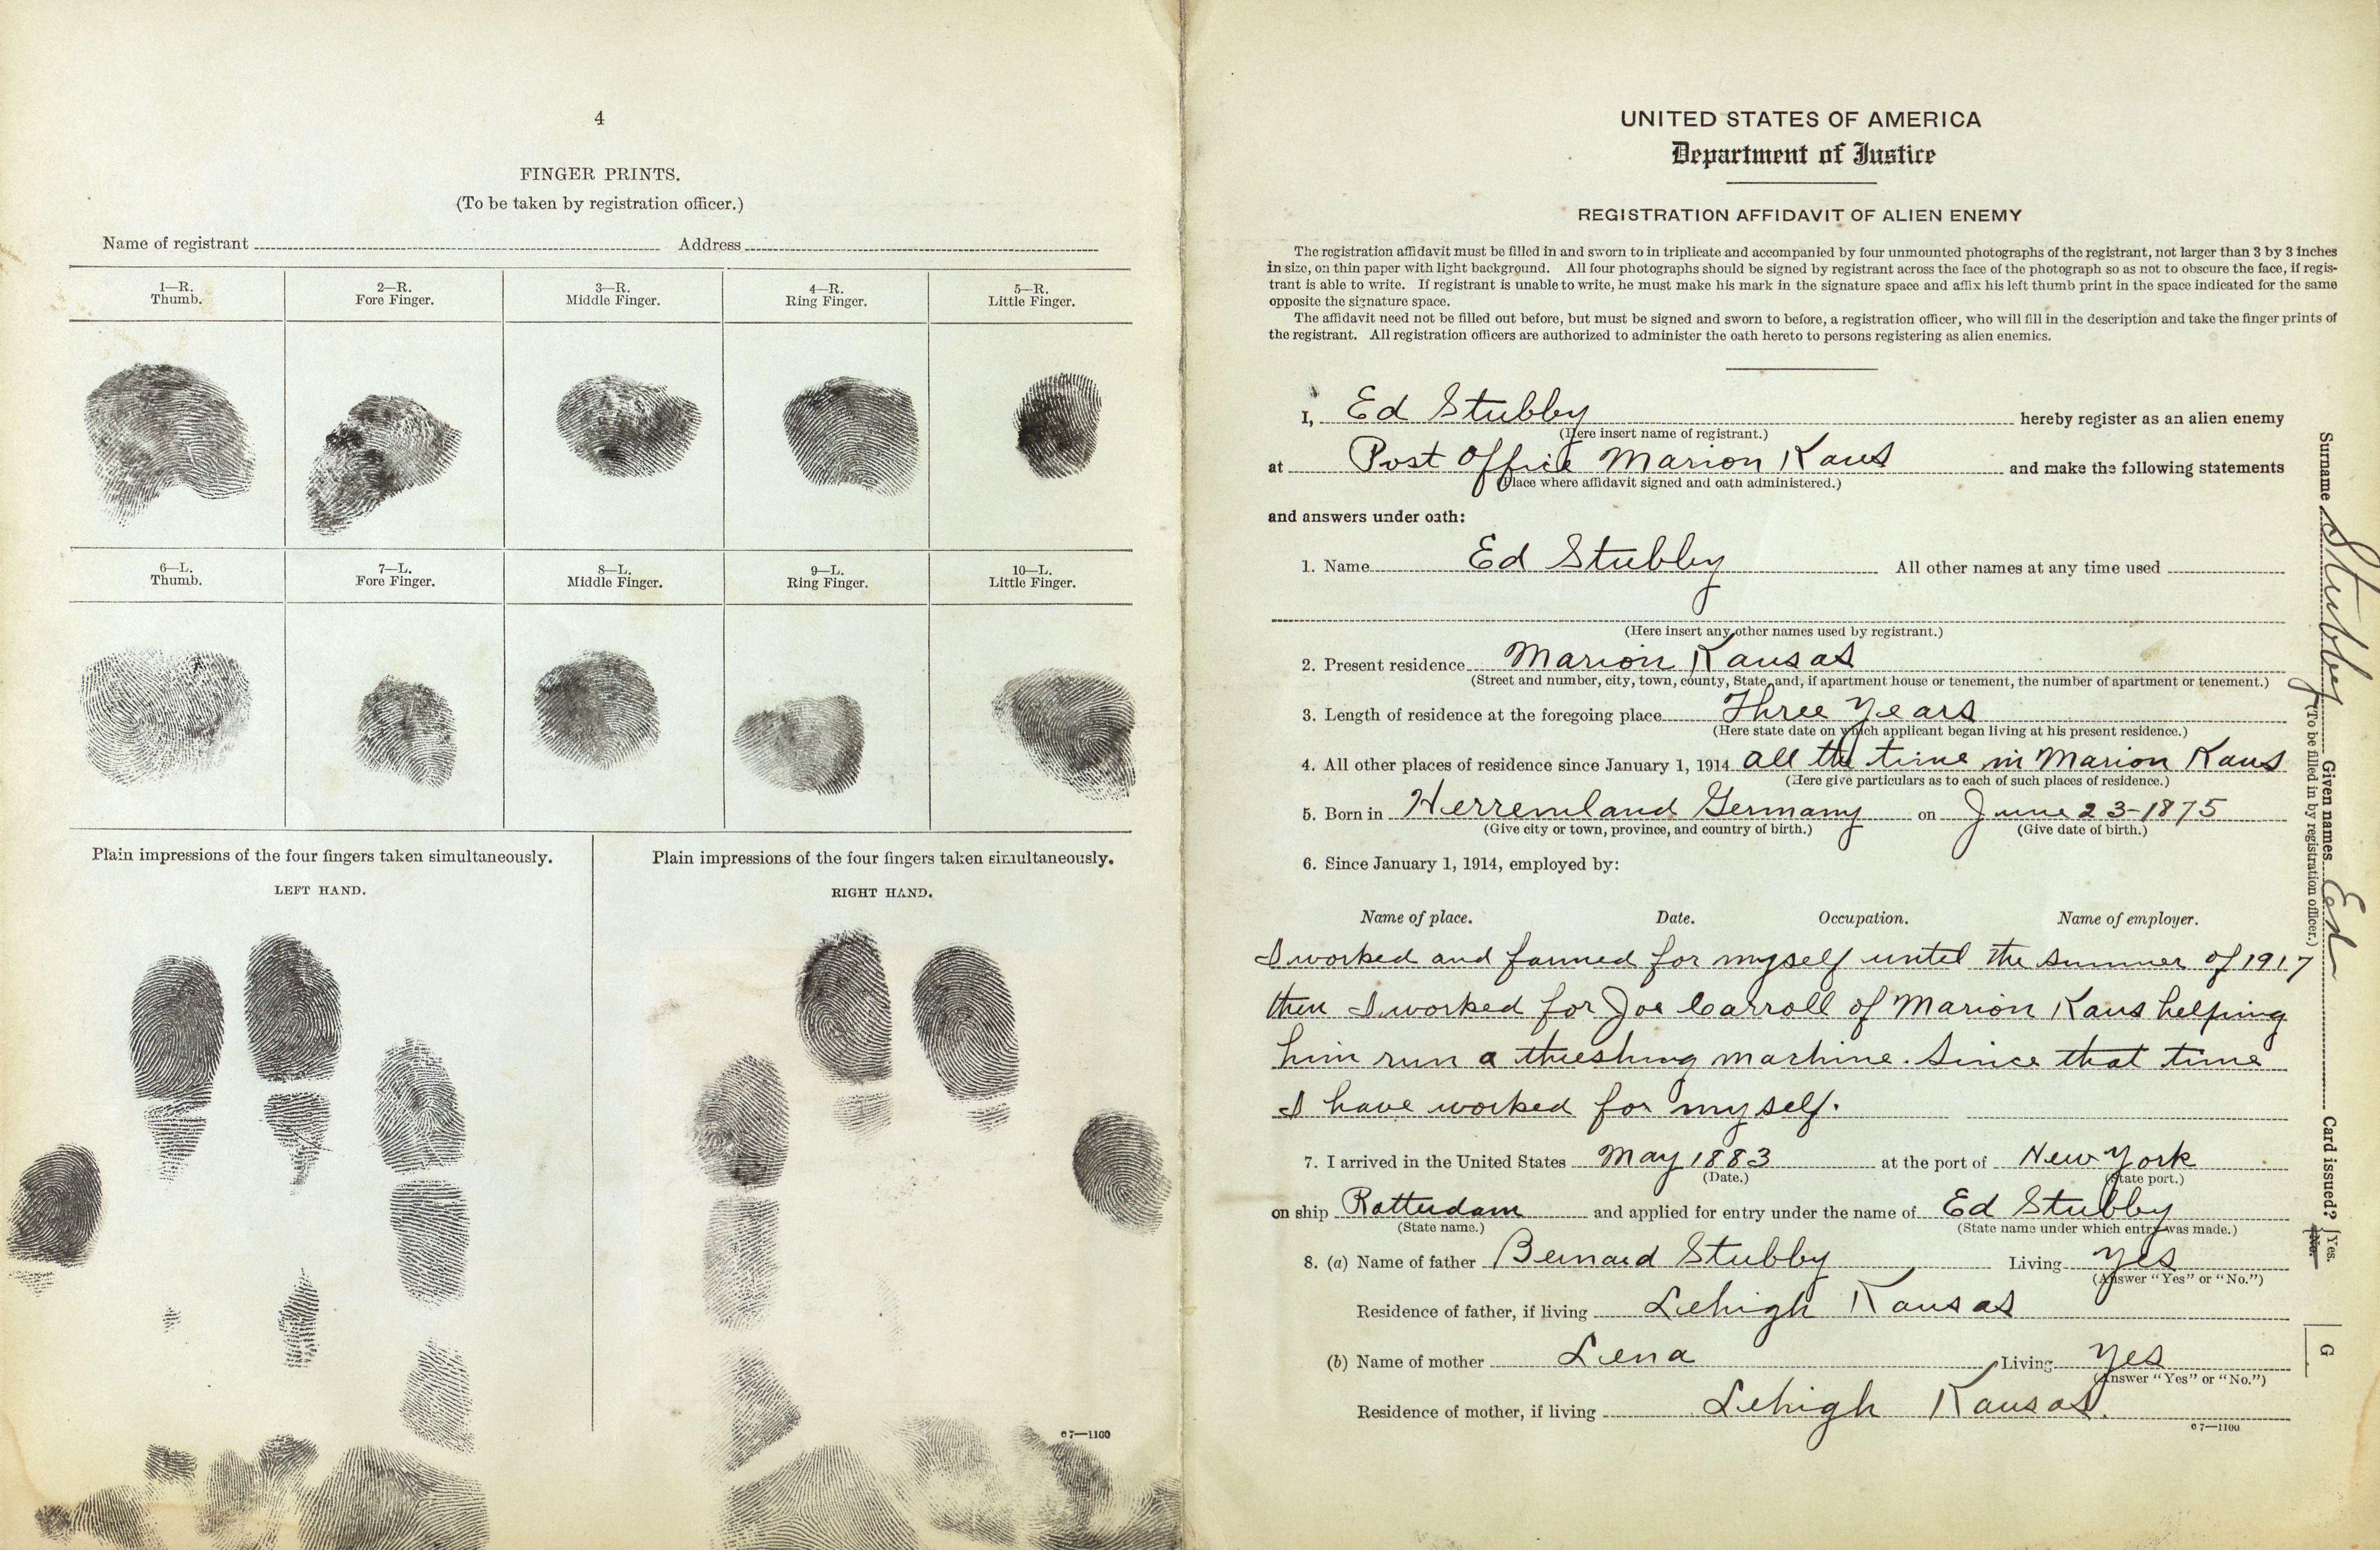 Enemy Alien Registration Affidavit for Ed Stubby